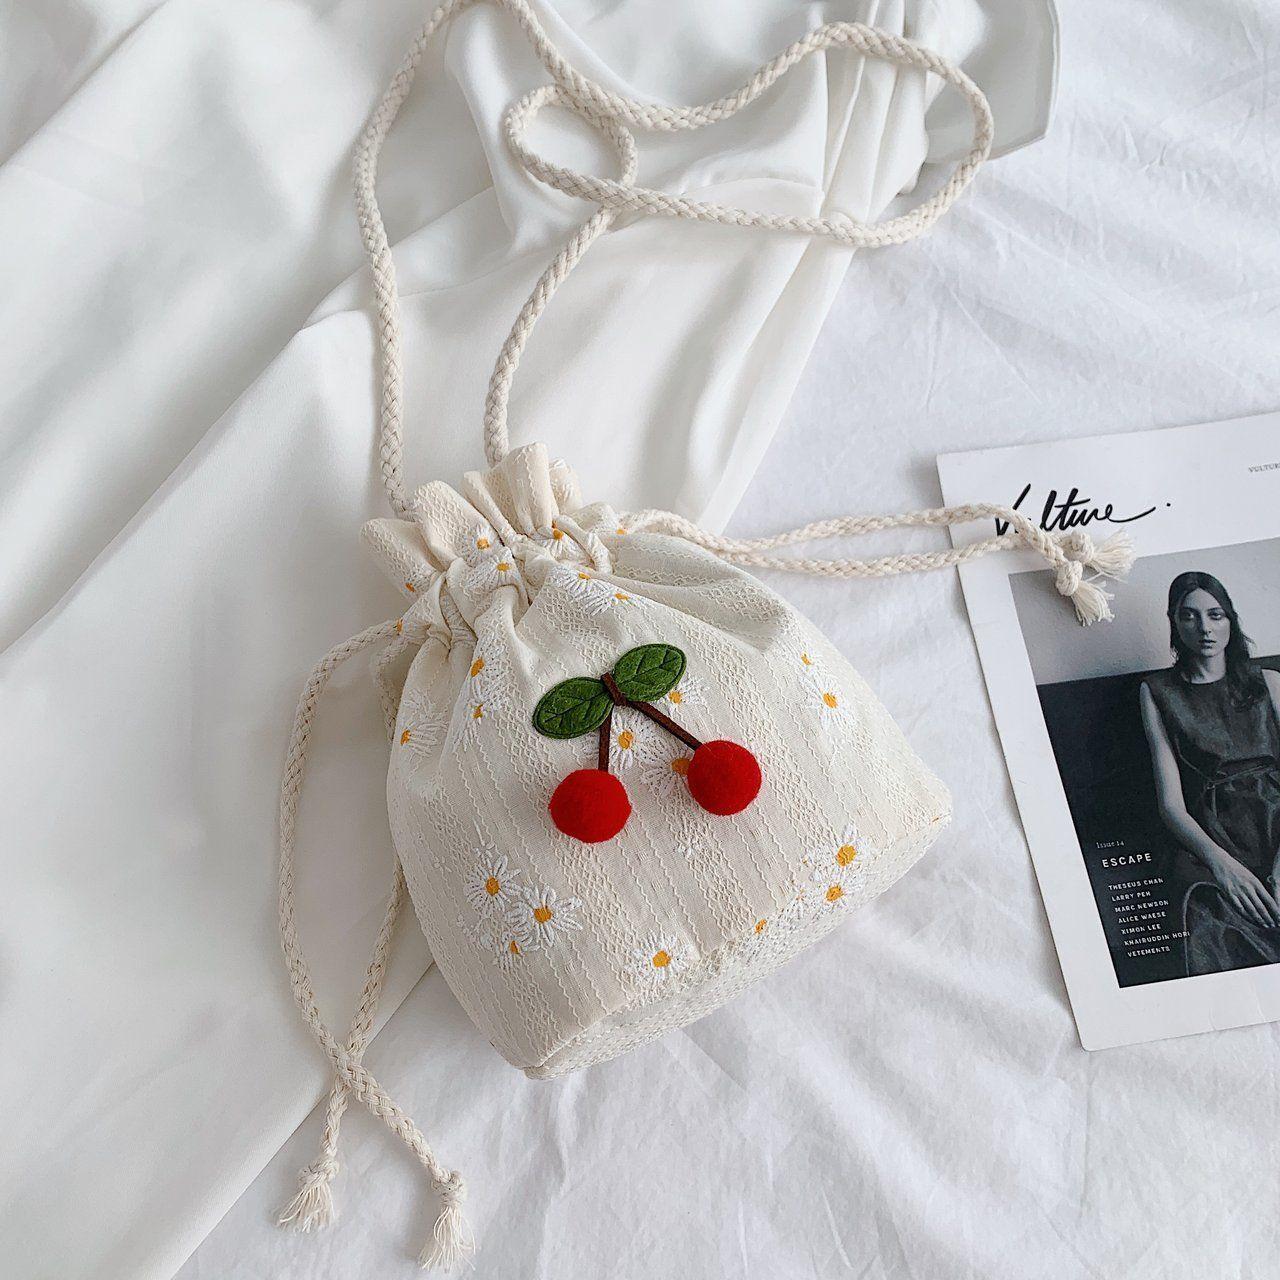 Женская сумка-мешок с цветочным принтом, универсальная повседневная сумка-мессенджер через плечо в иностранном стиле, маленькая вместител...